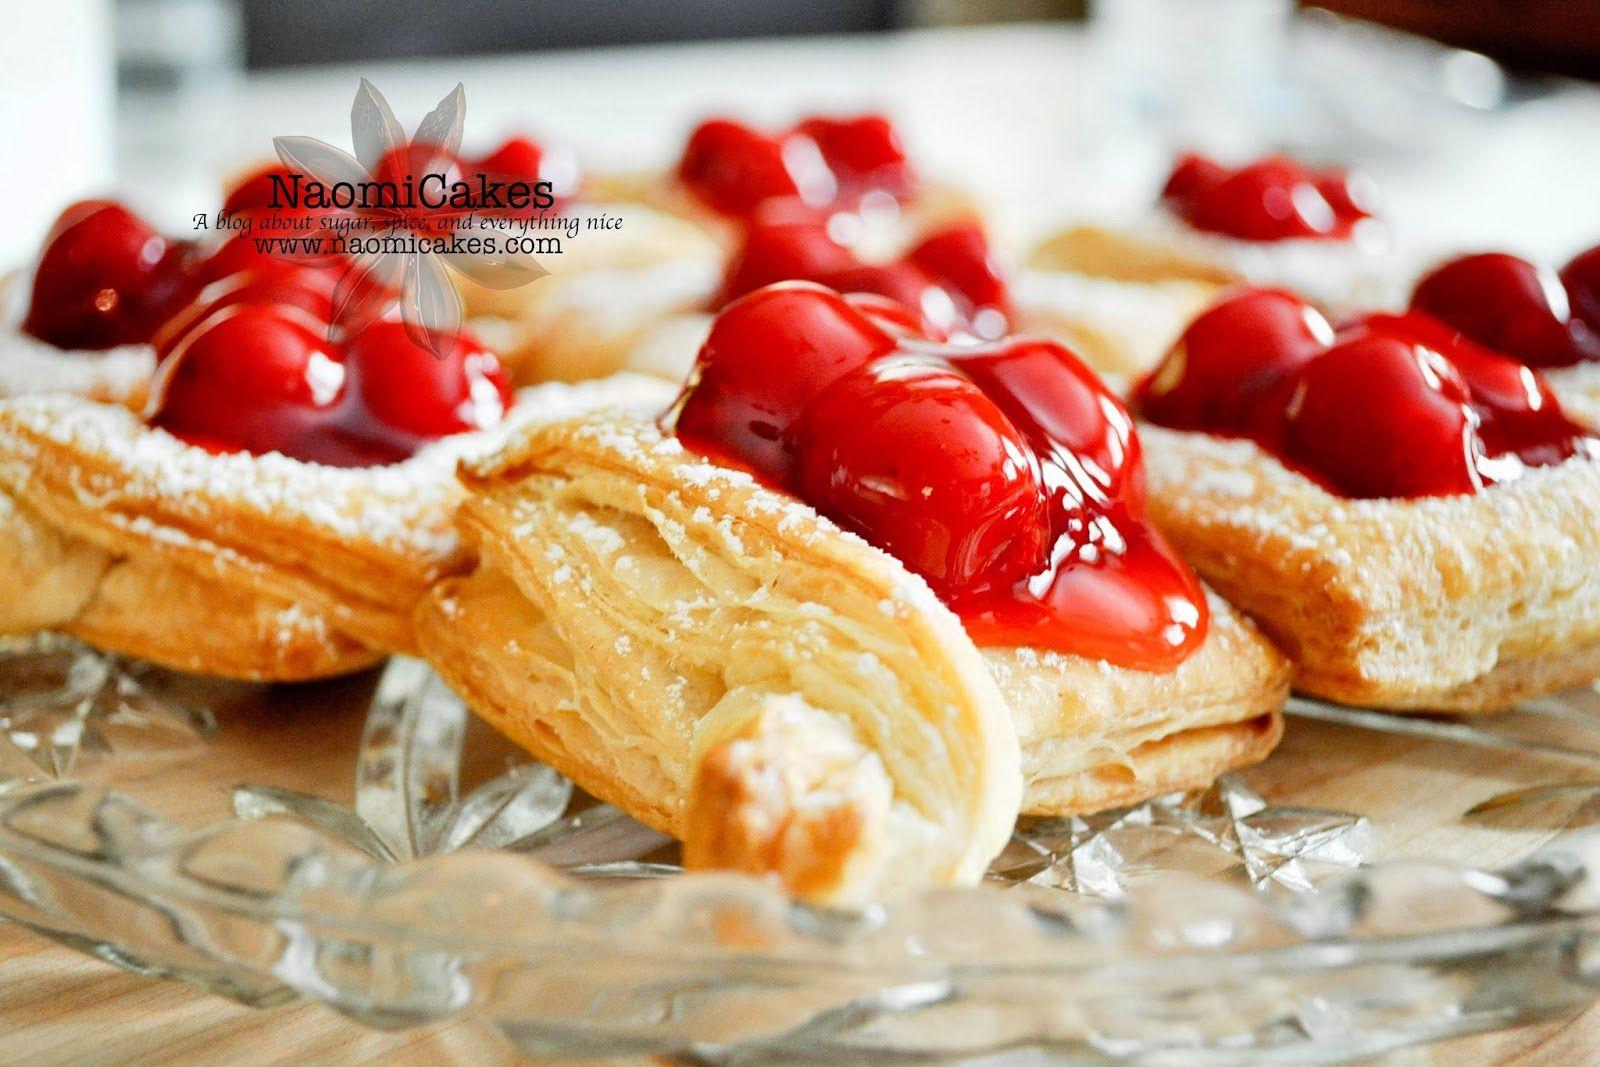 NaomiCakes: Cherry Pastries